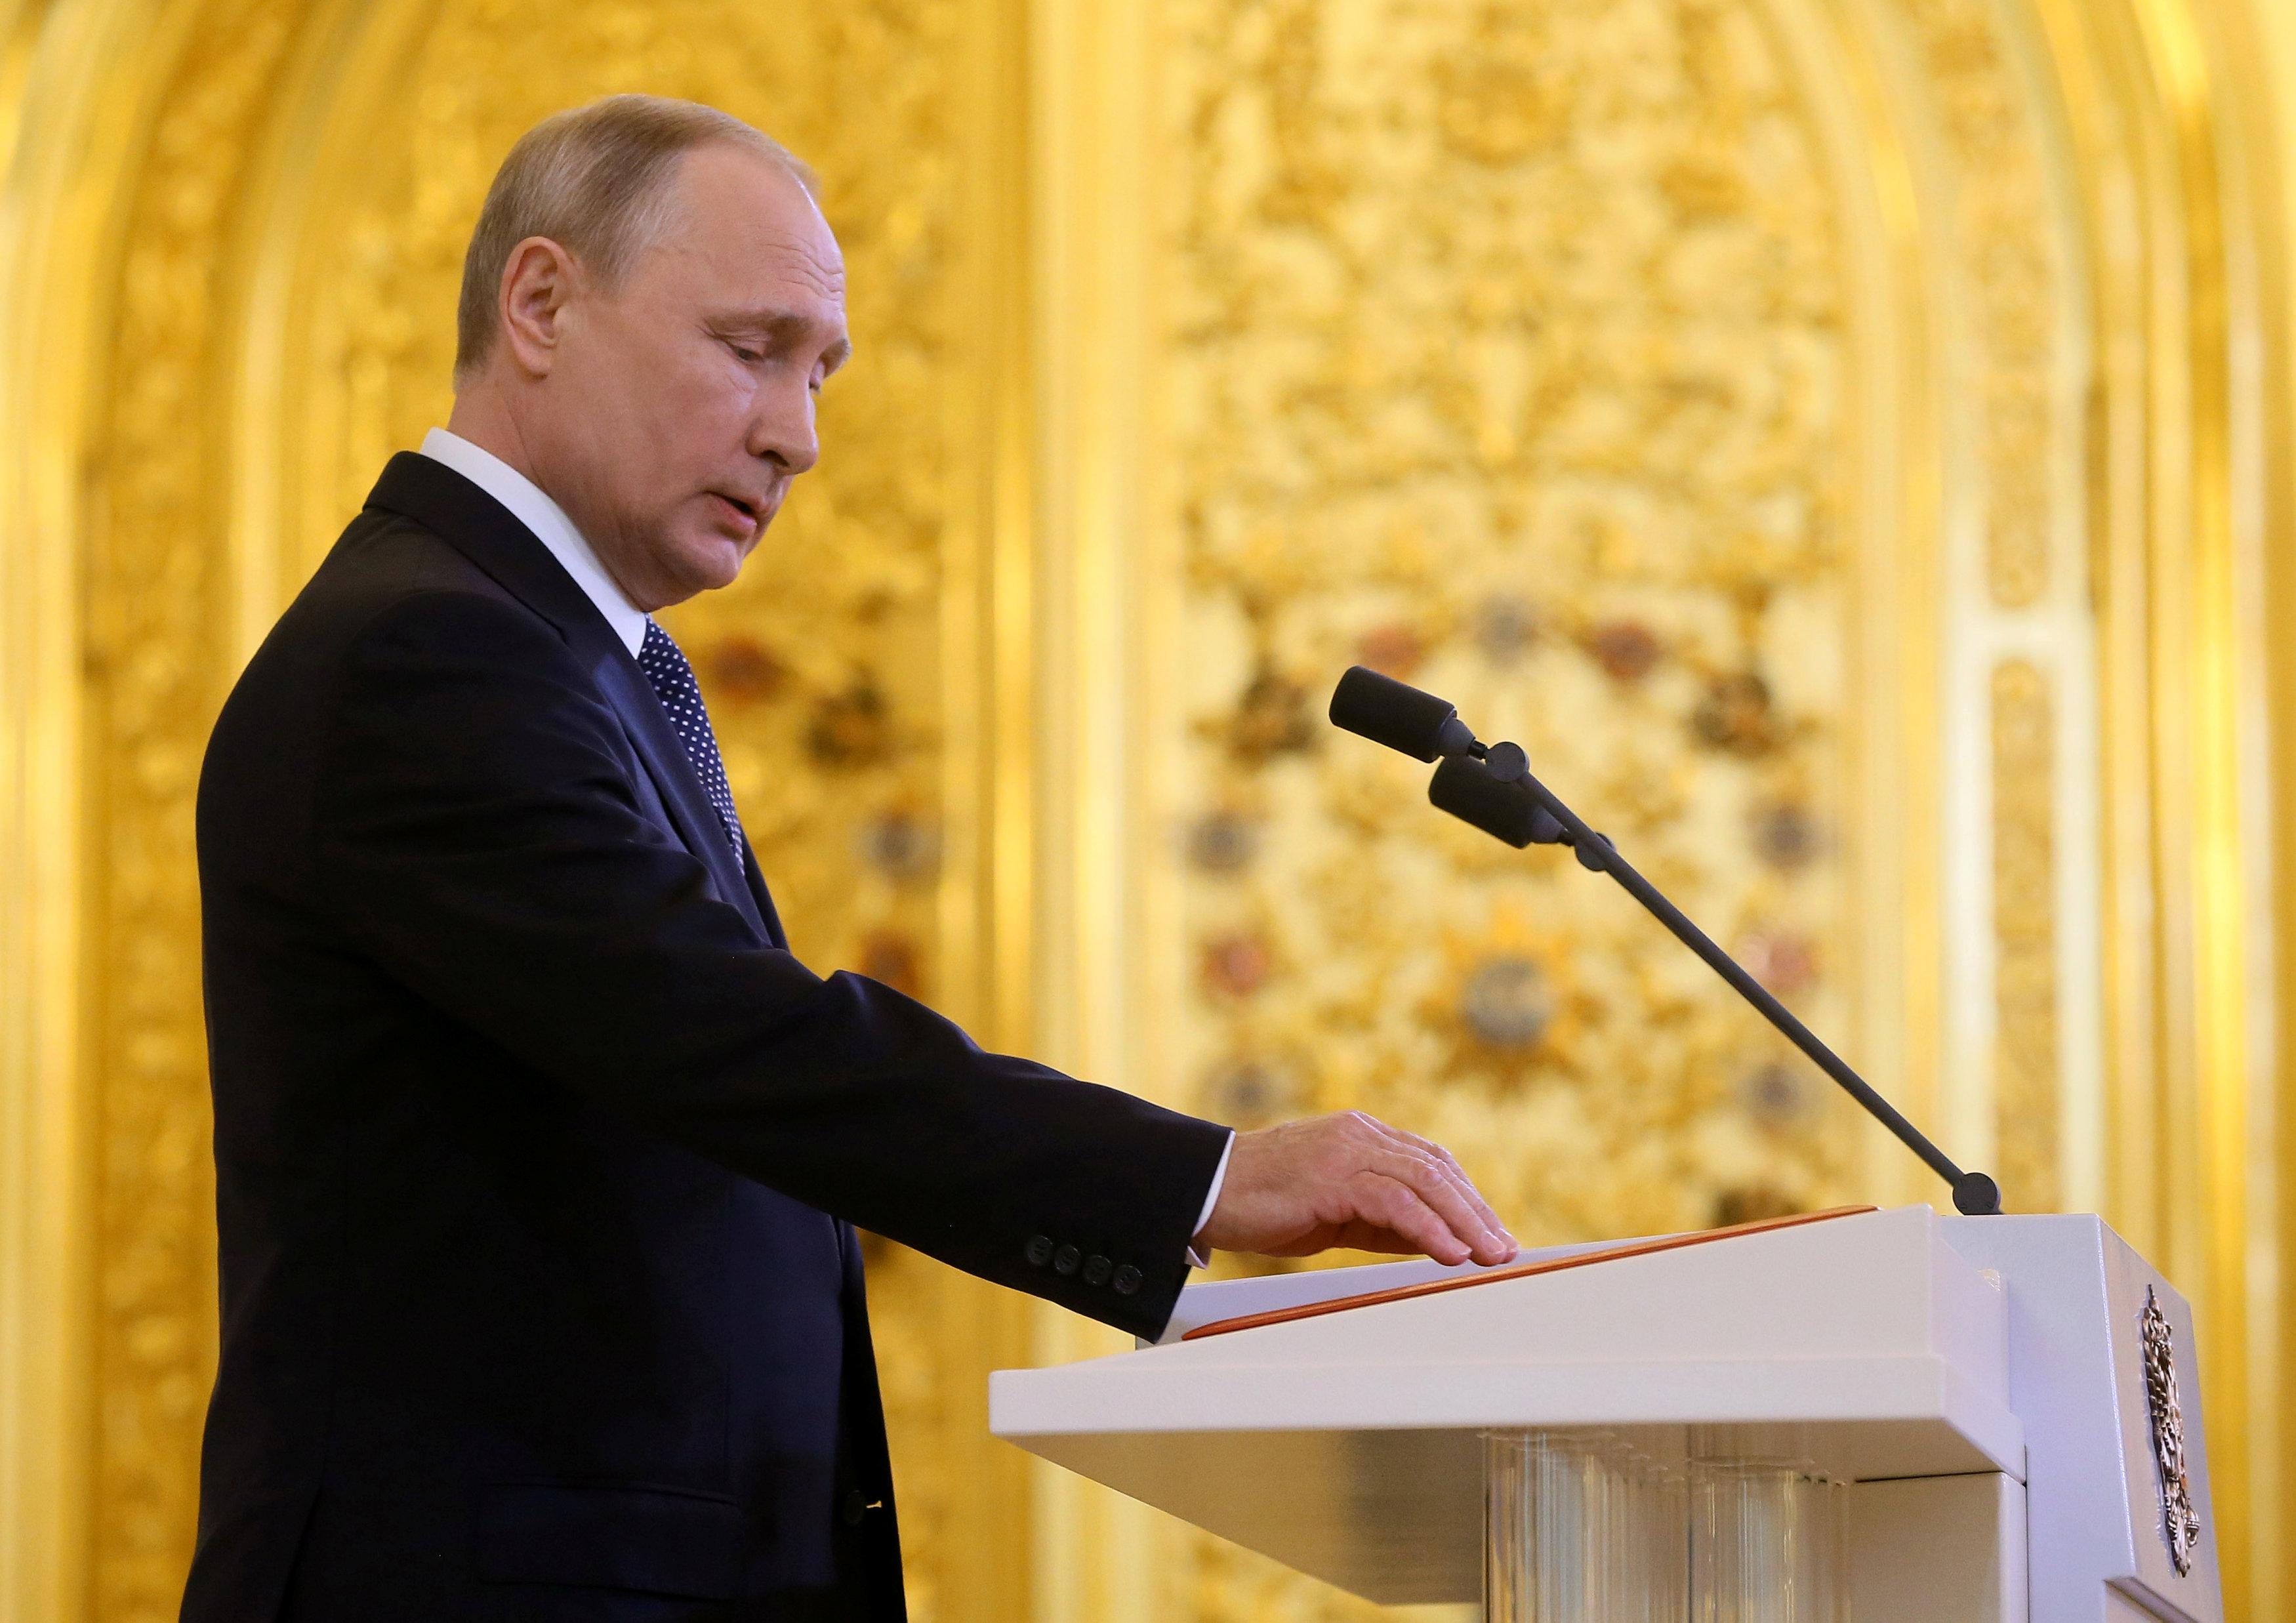 В России режим президента Владимира Путина экономически уже не выживает, отметил Константин Боровой